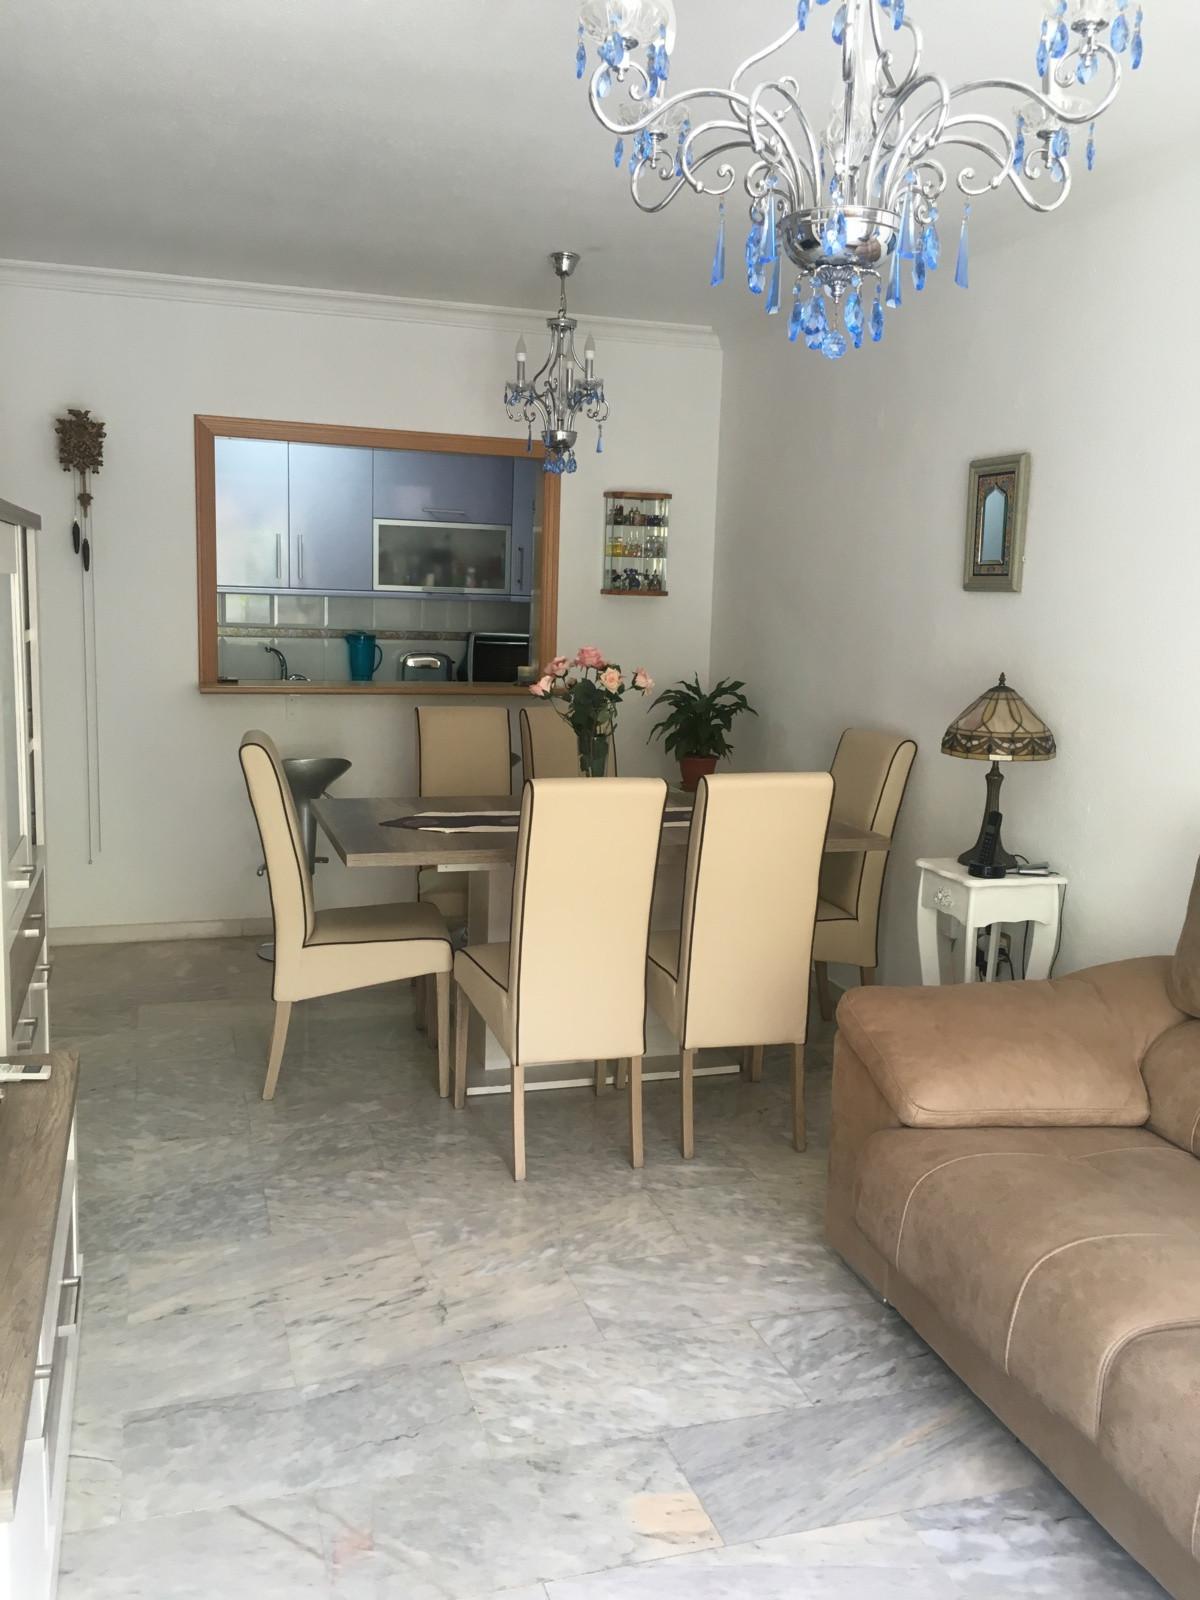 Piso muy luminoso , amplio y coqueto , recientemente reformado .  Tiene dos dormitorio , salon cocin,Spain